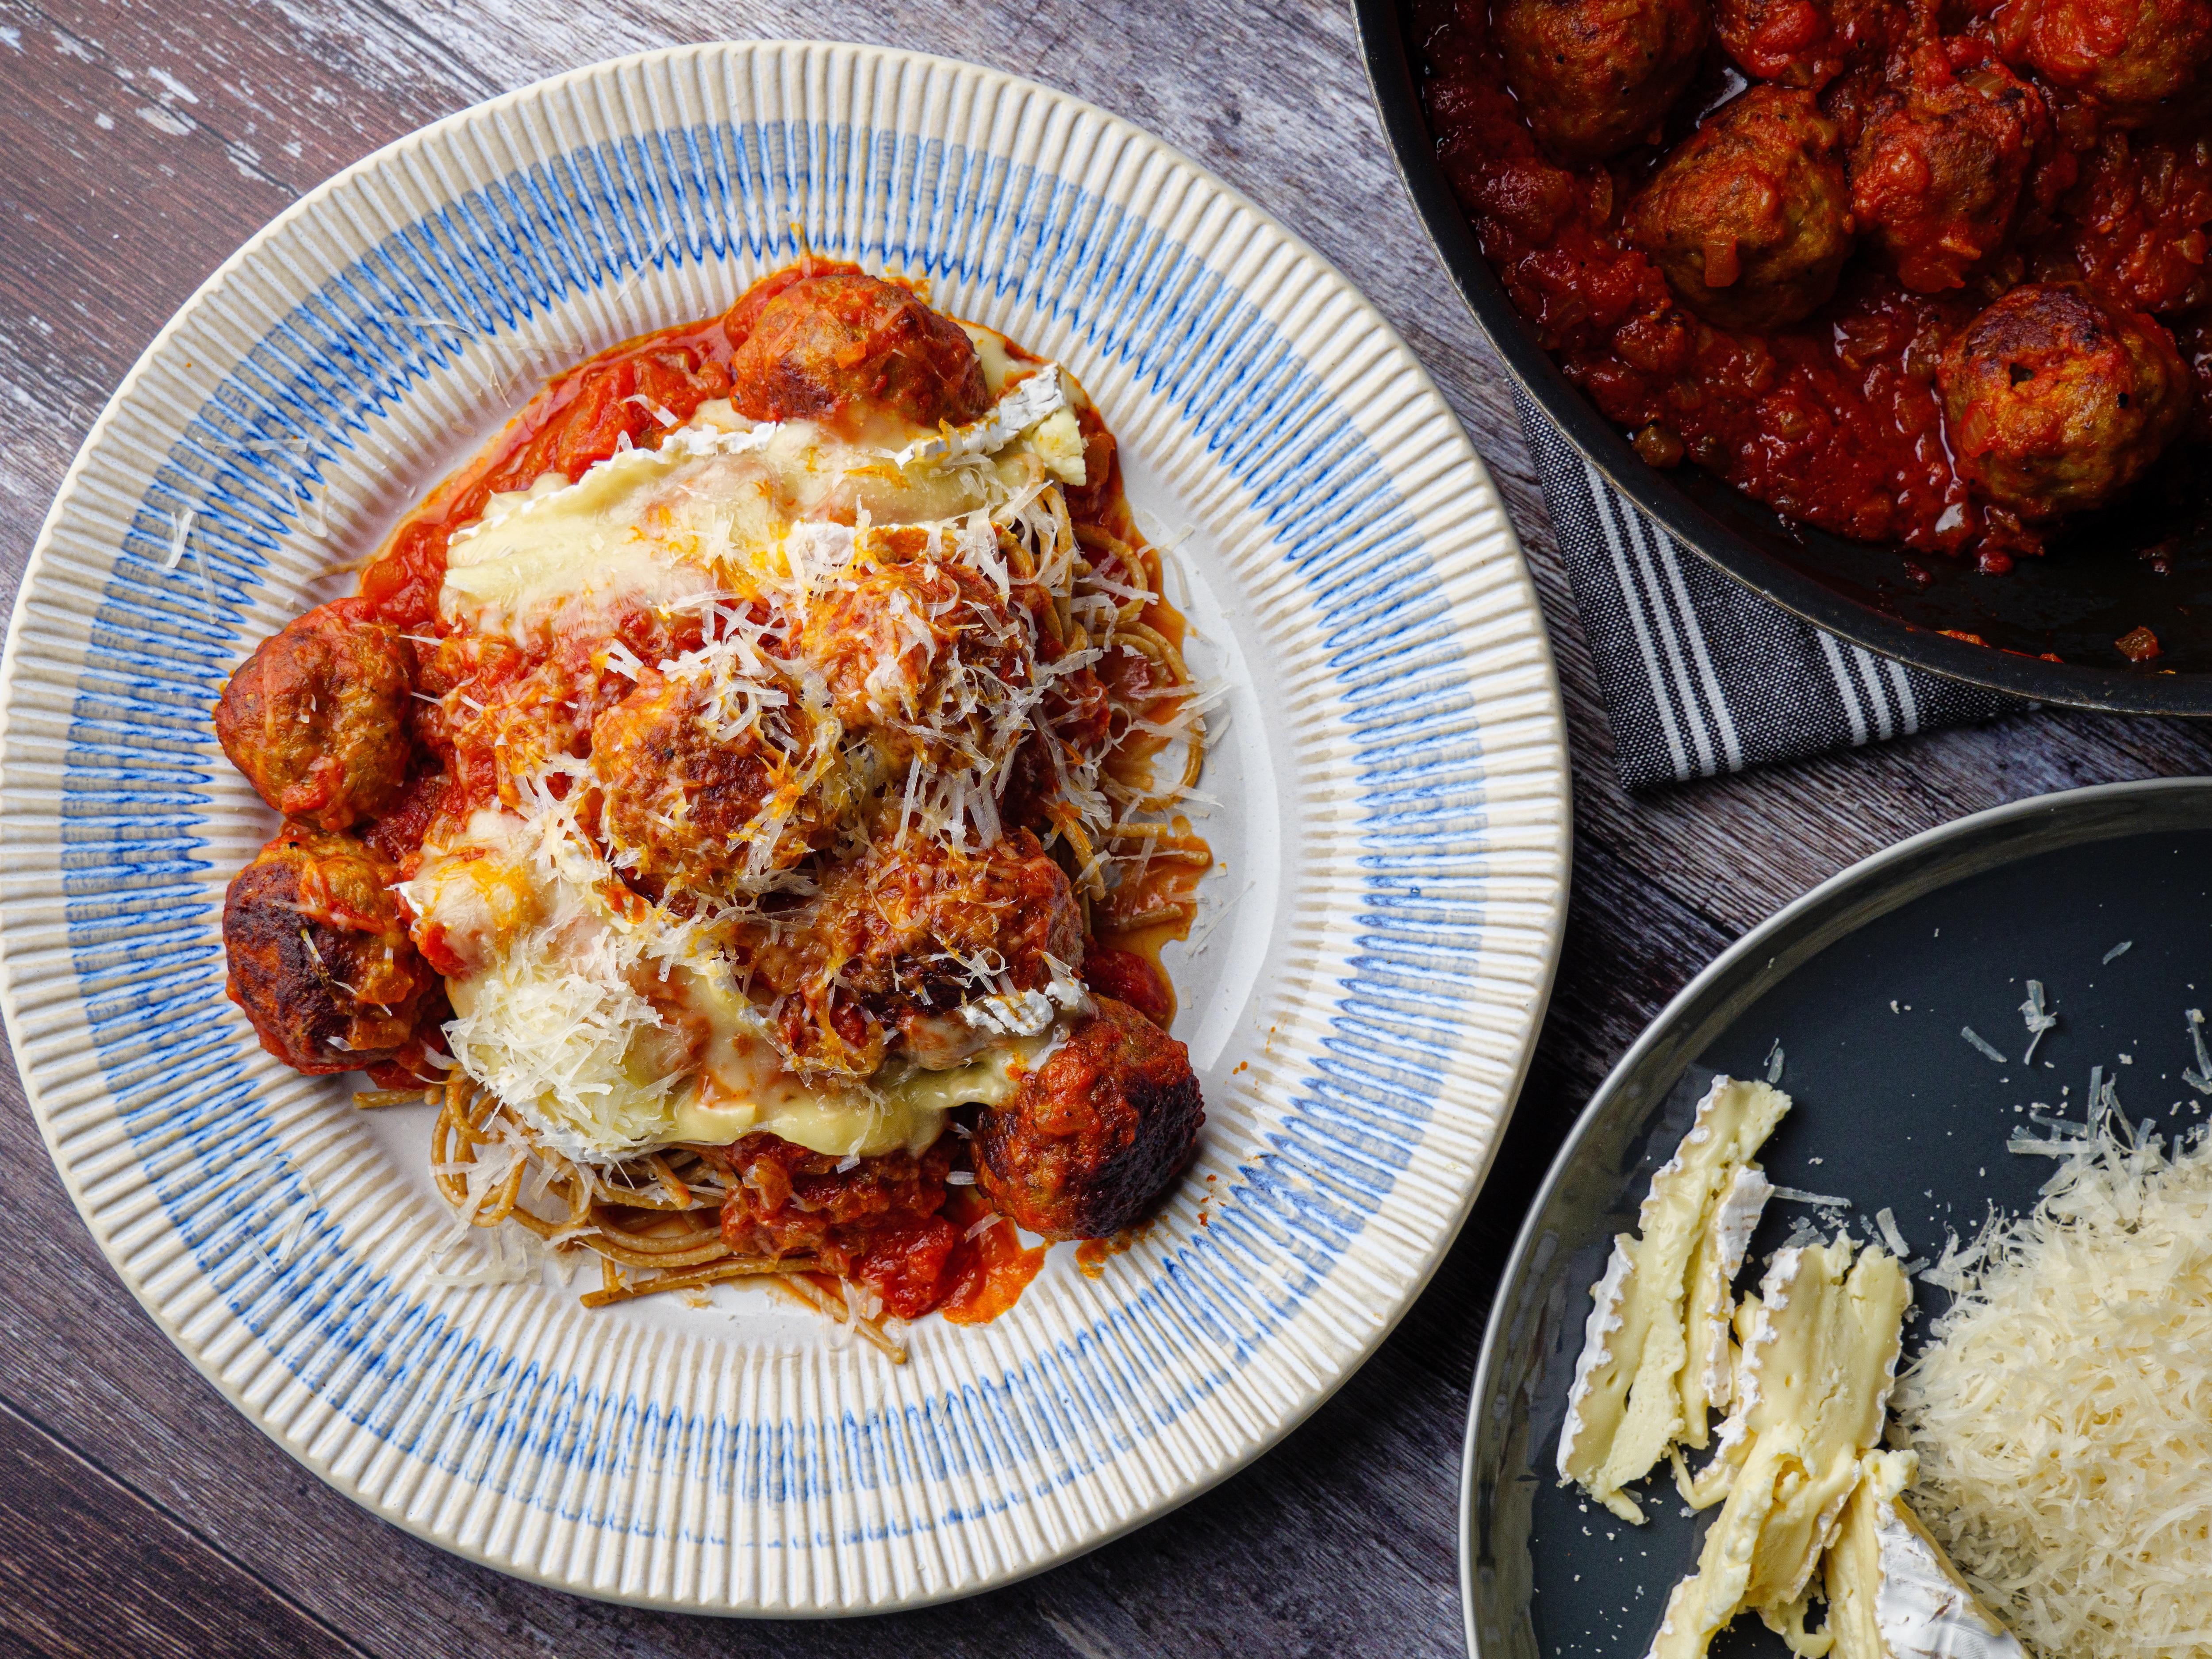 Spicy Spaghetti Meatballs